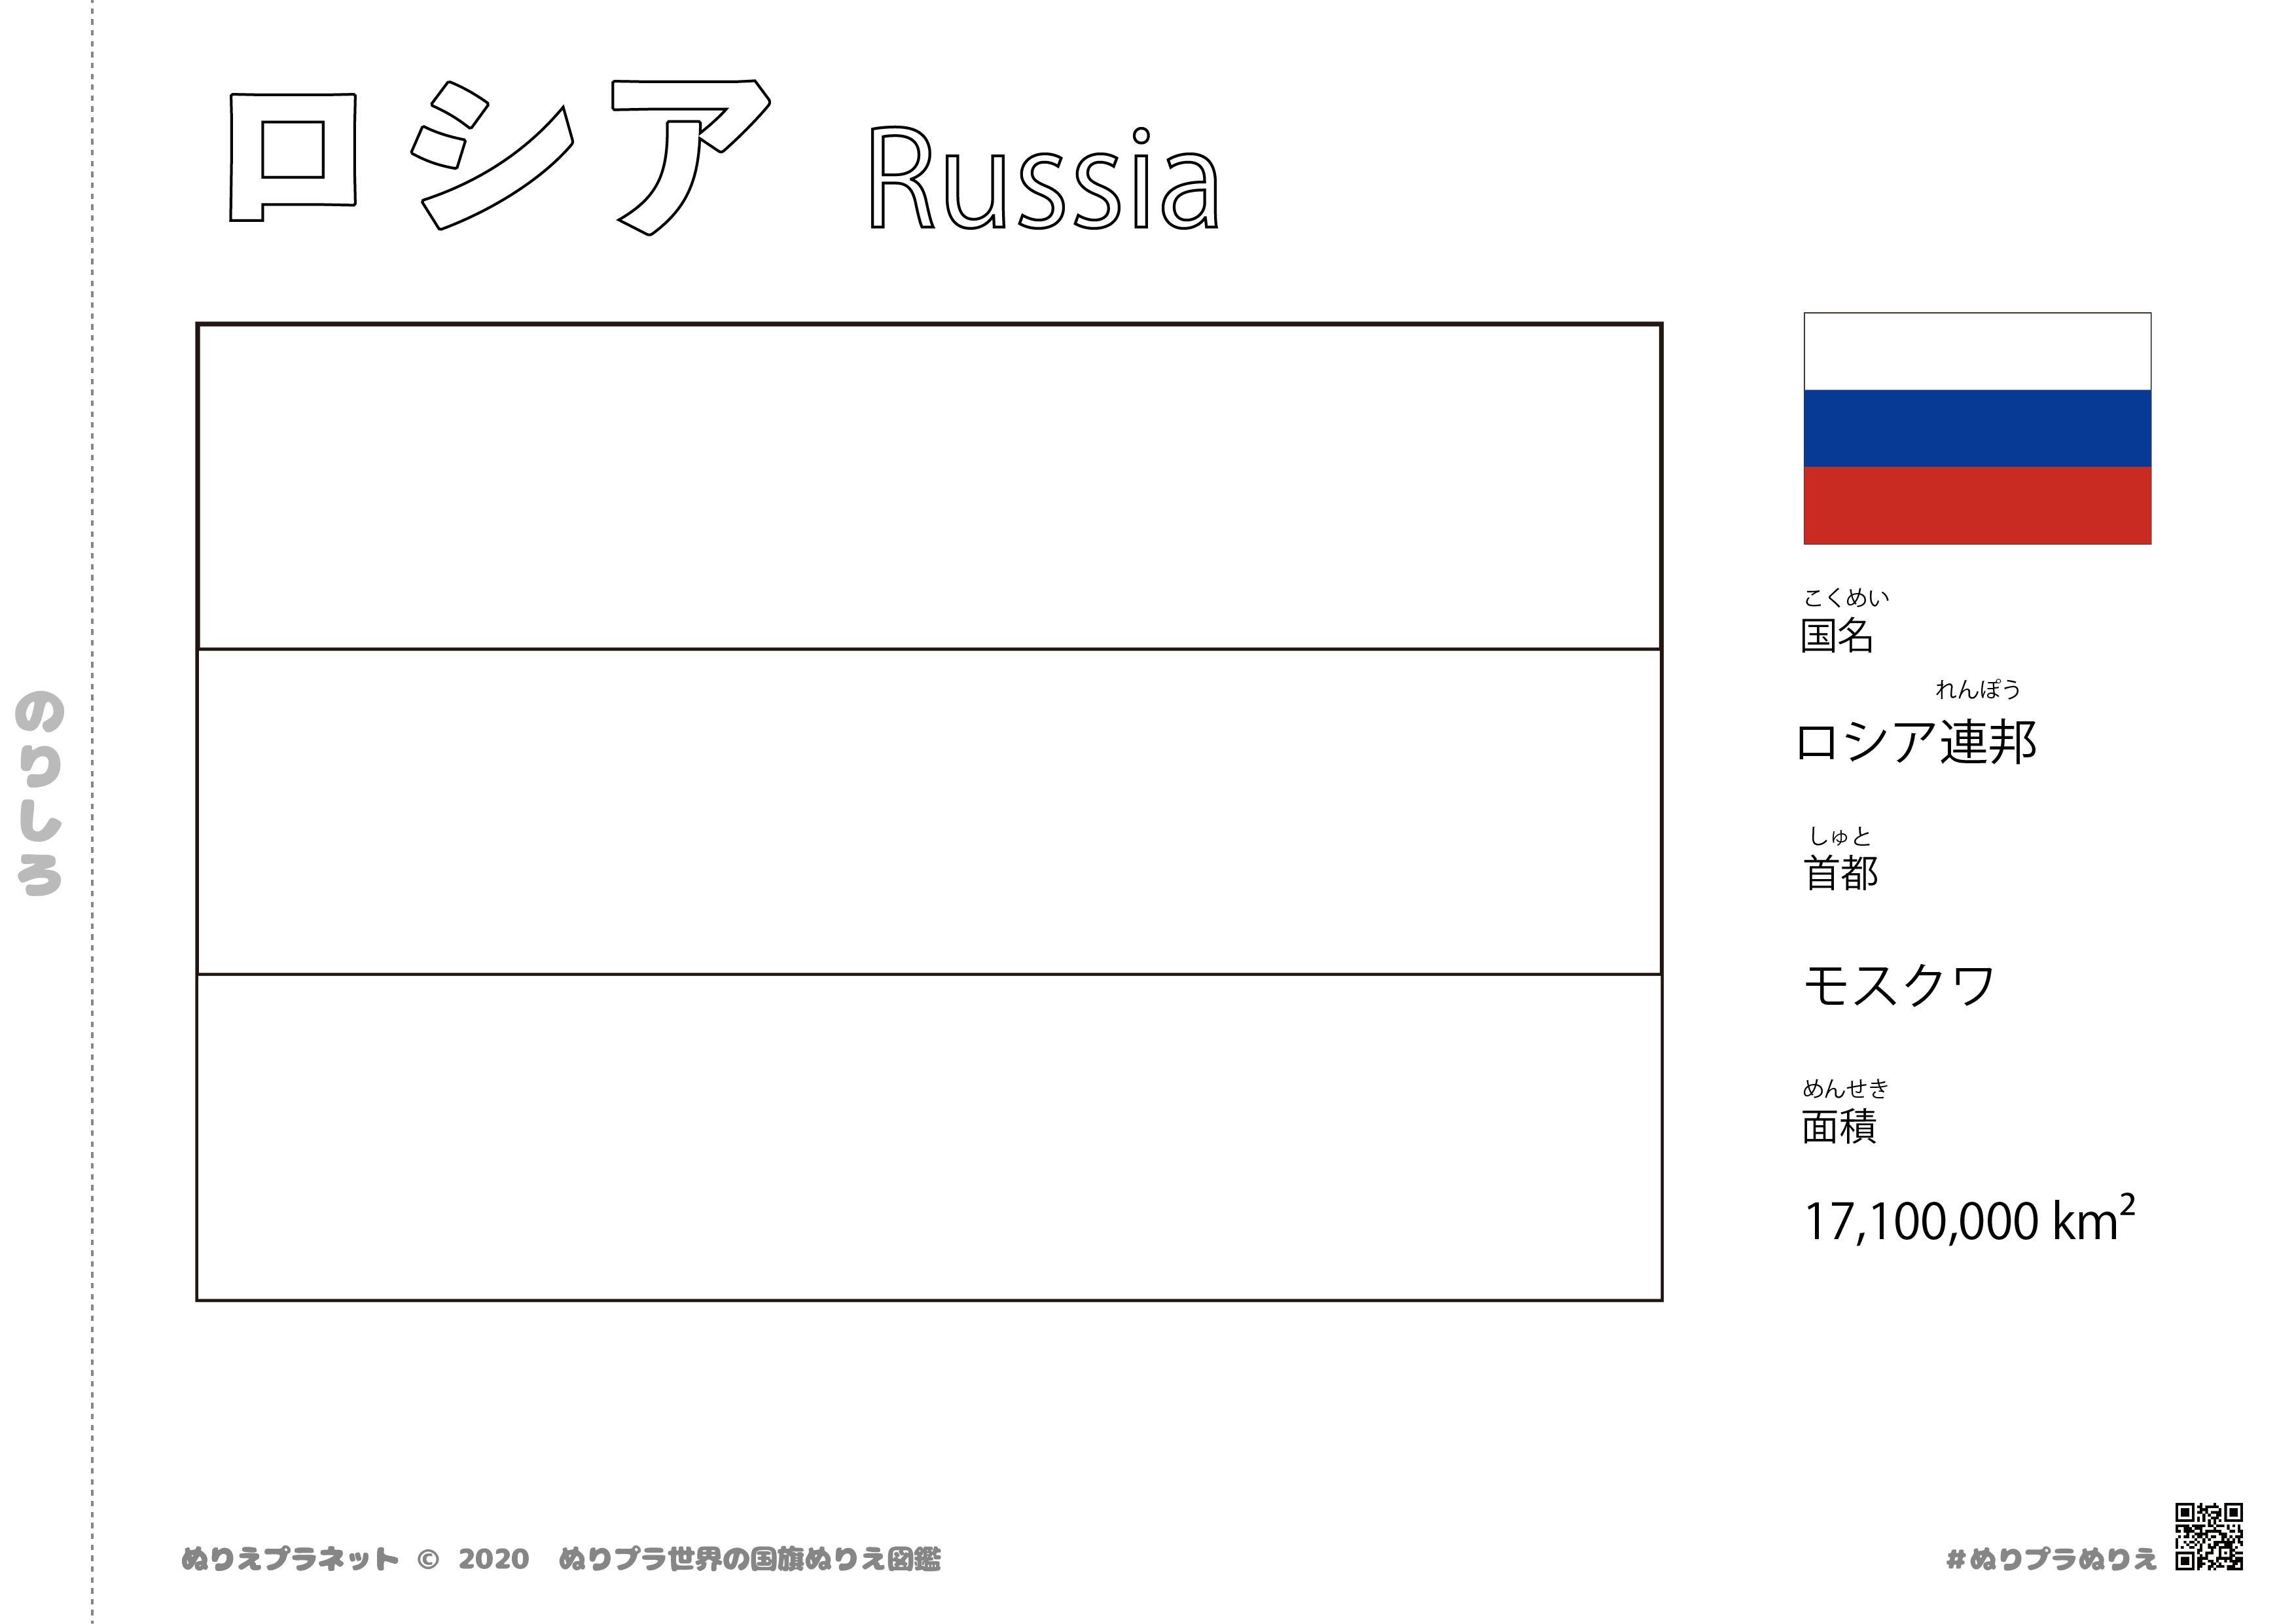 世界の国旗シリーズぬりえのロシアの国旗の塗り絵です。